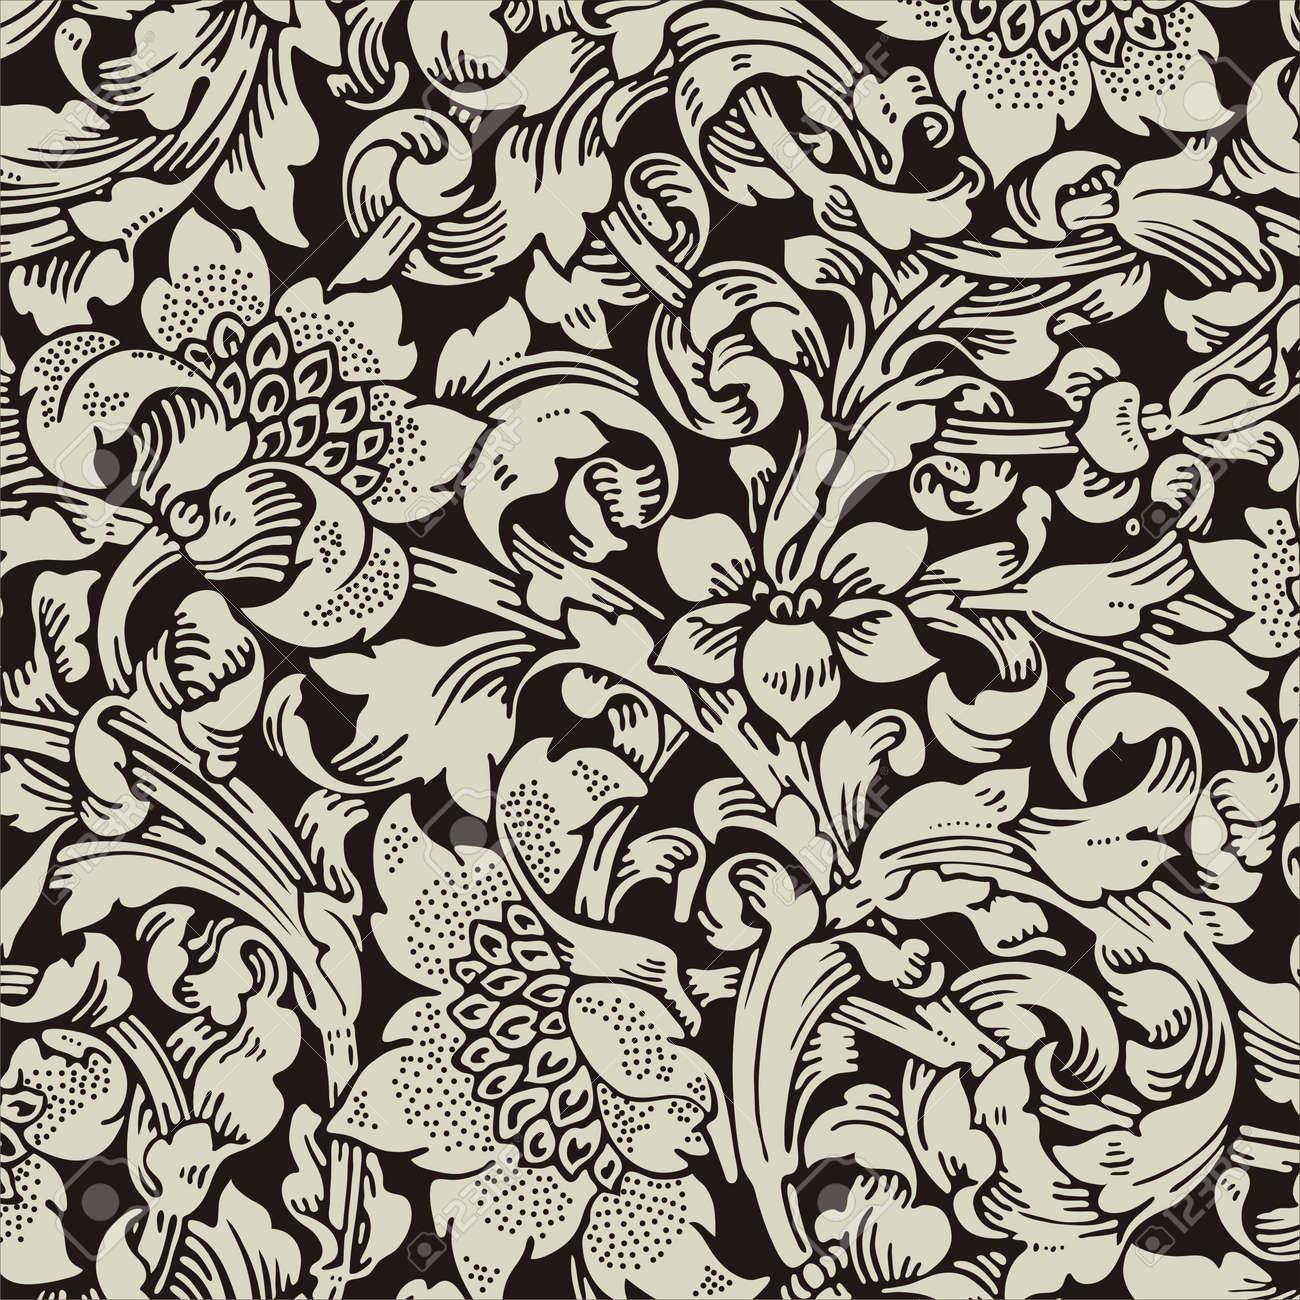 レトロな壁紙のイラスト素材 ベクタ Image 13188760